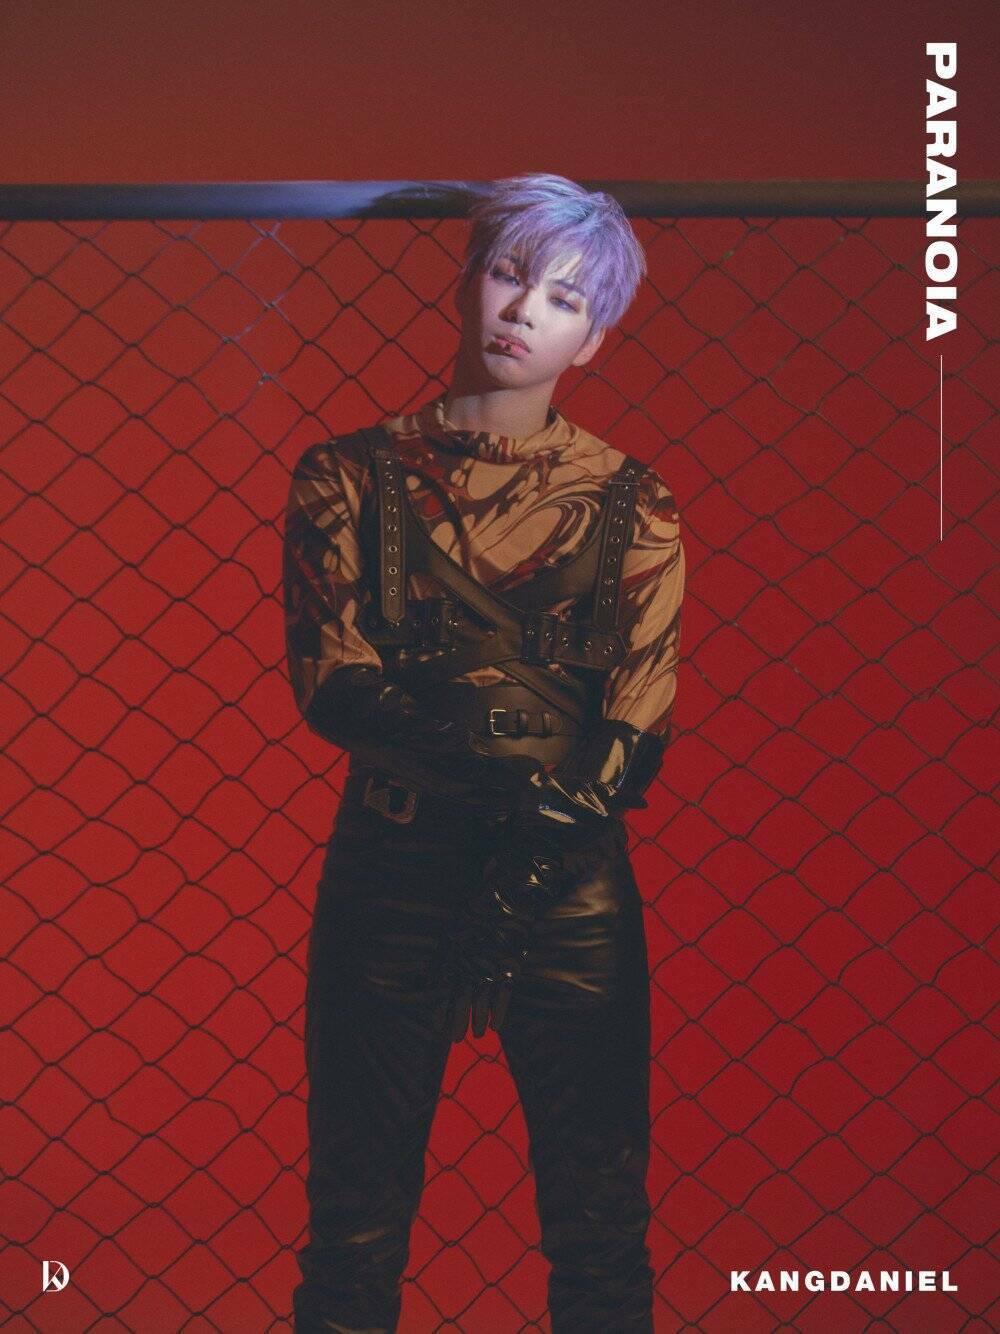 Kang Daniel bấm khuyên môi, diện đồ da trong teaser comeback: Dân chơi đây rồi!